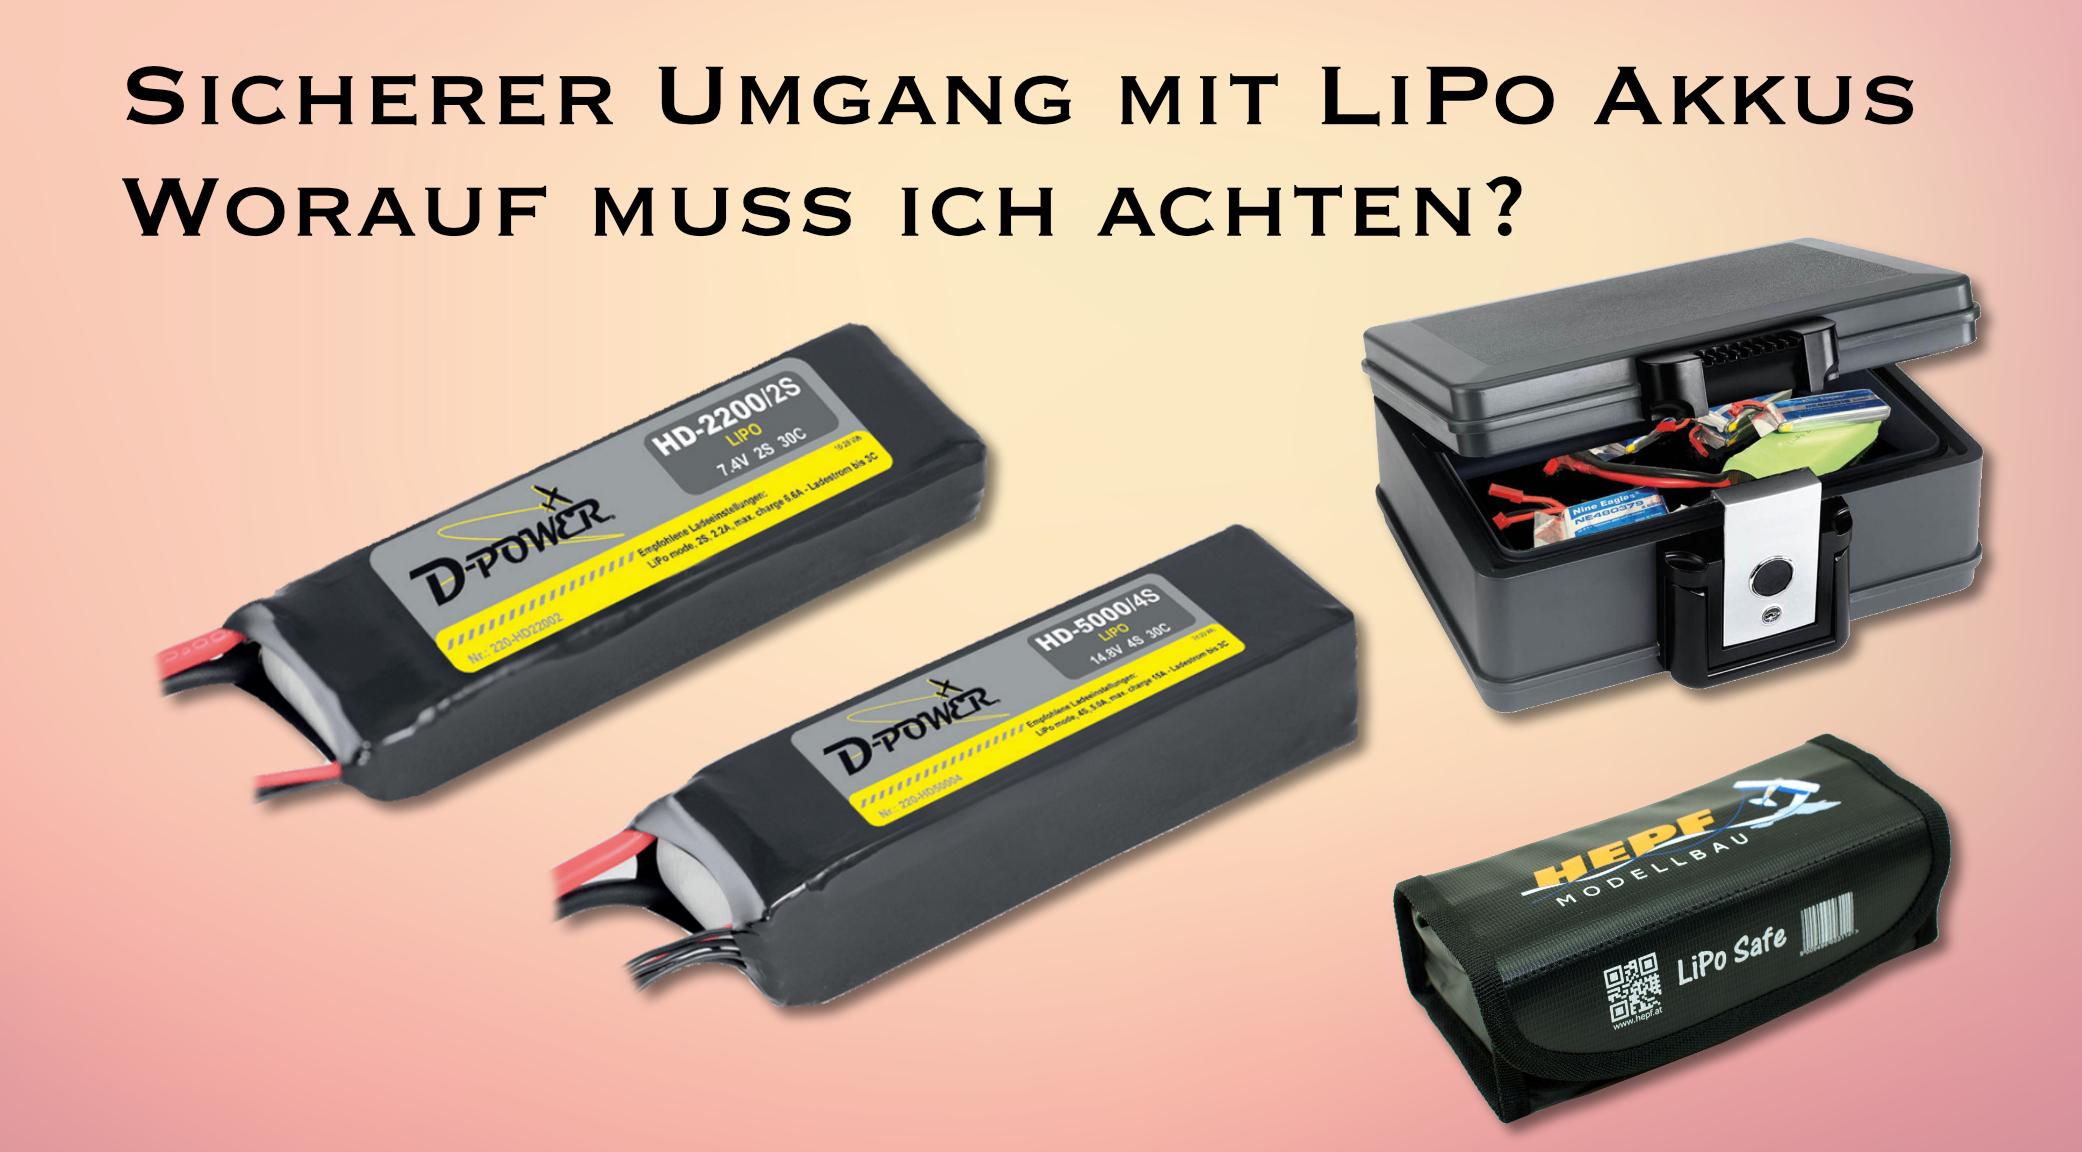 Ladegerät für LiPo Akkus bis 6S (Zellen) in 5110 Oberndorf